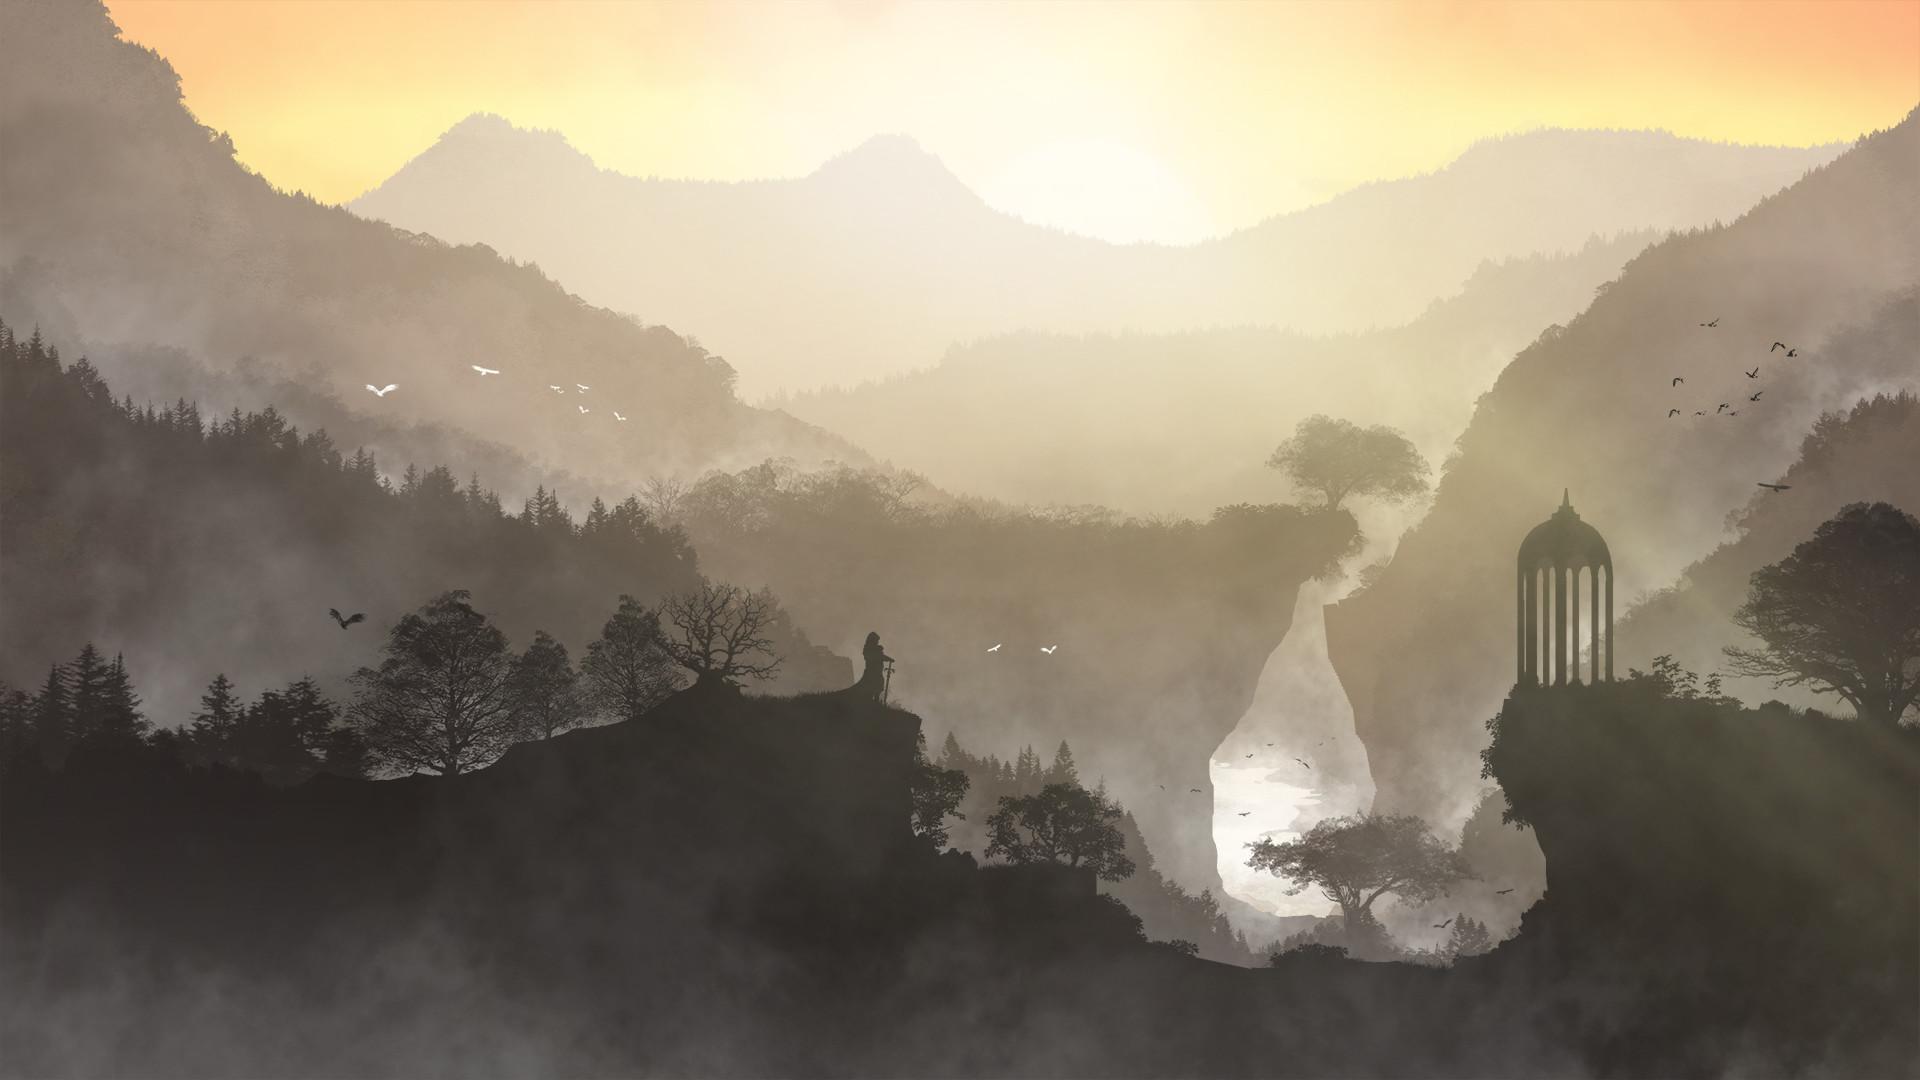 壁纸 风景 1920_1080